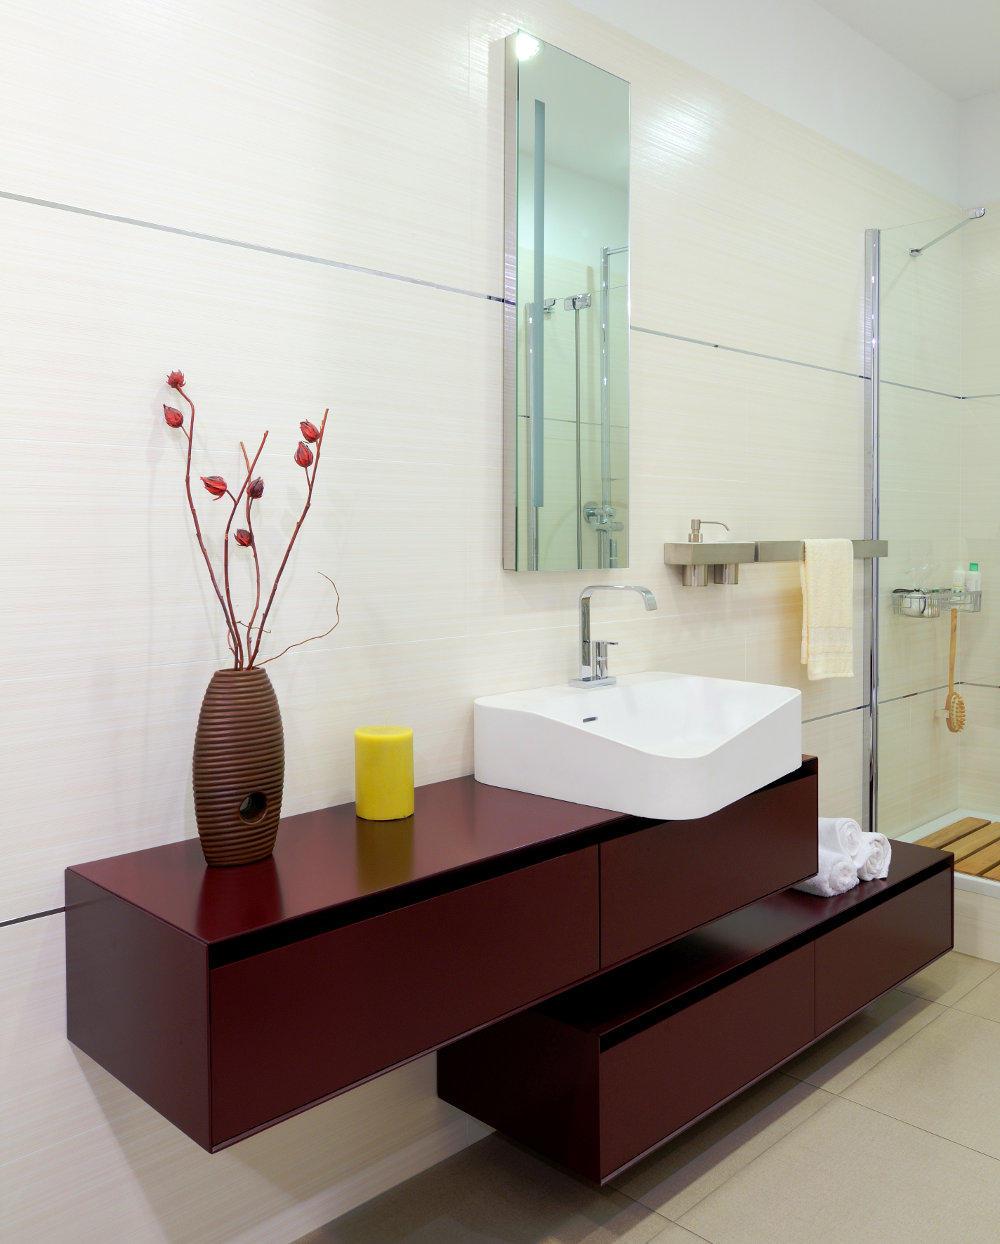 Baños Diseño de Interiores de Colores Morado Verde Azul Rojo